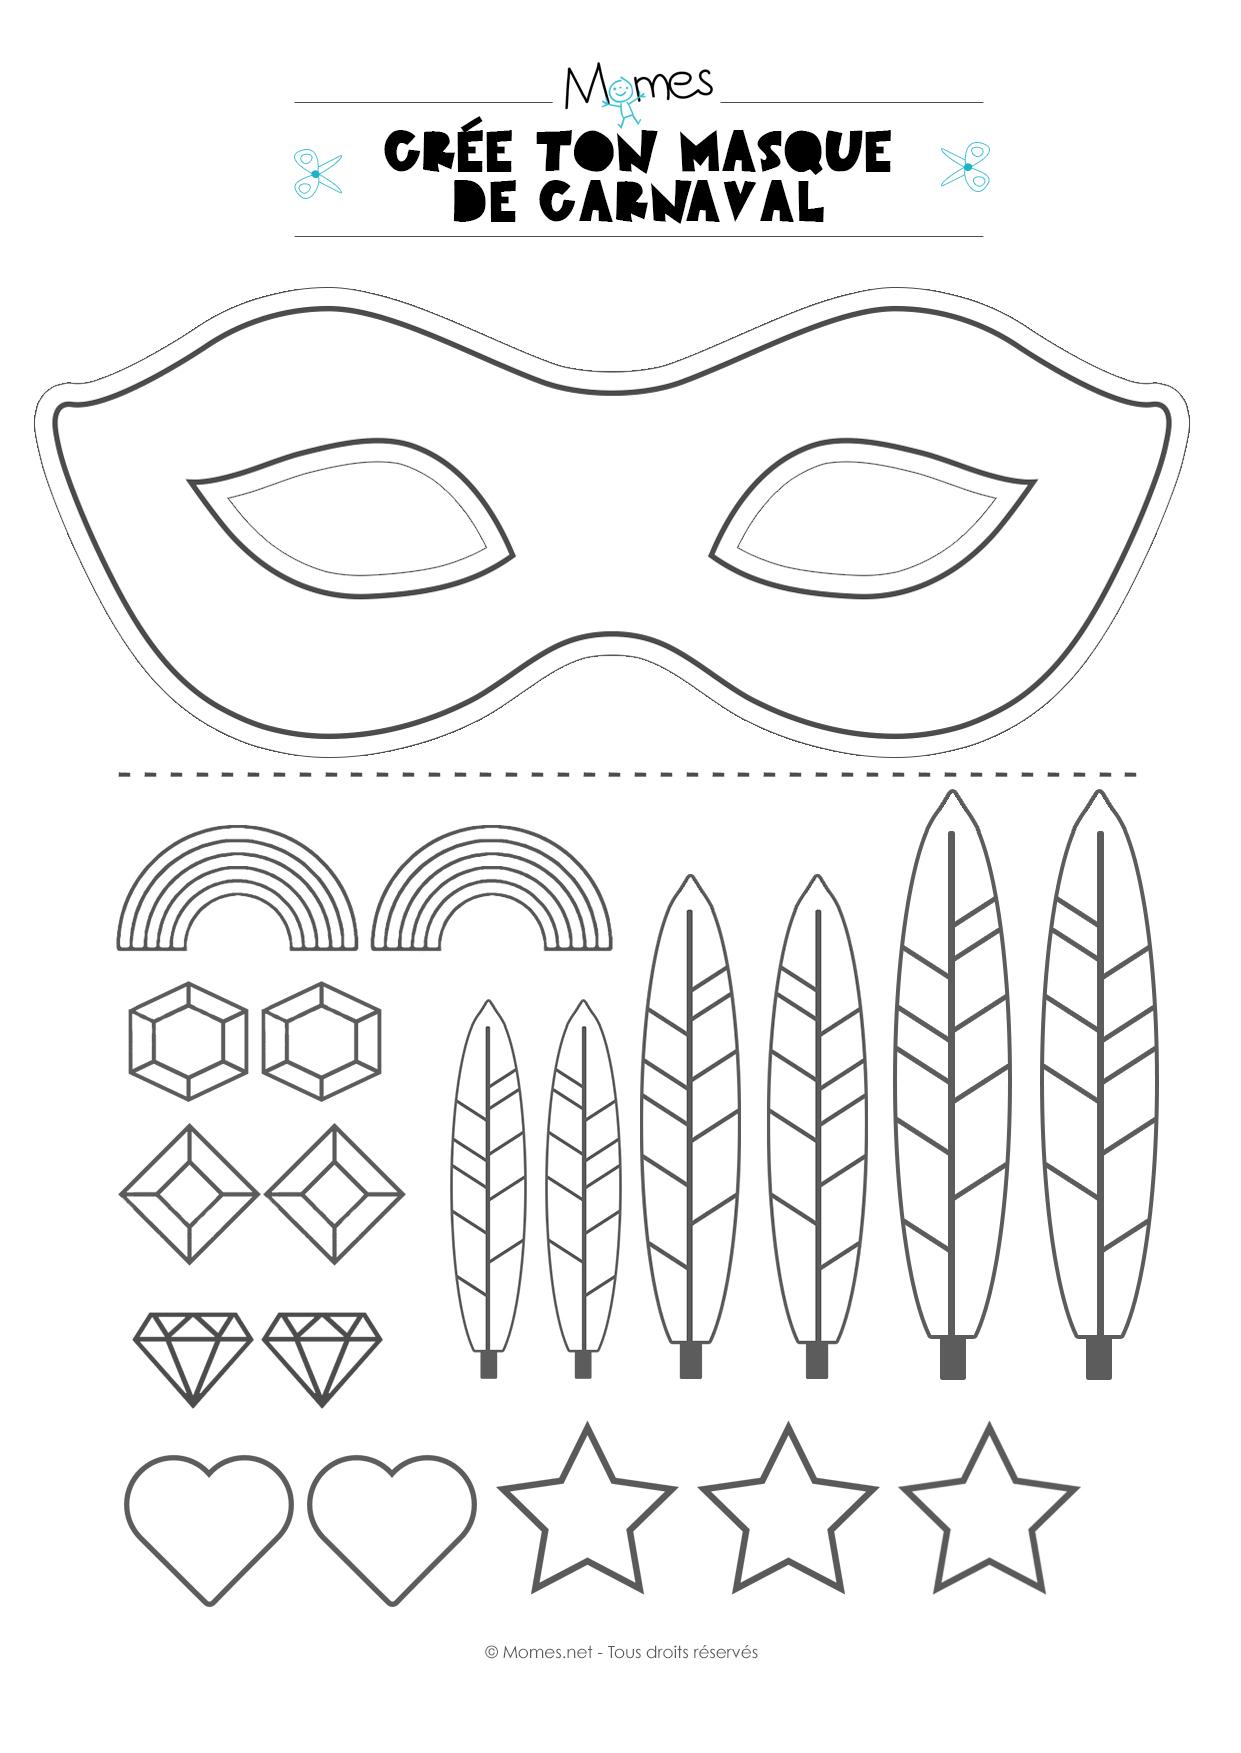 Kit Pour Faire Un Masque De Carnaval - Momes intérieur Bricolage À Imprimer Gratuit